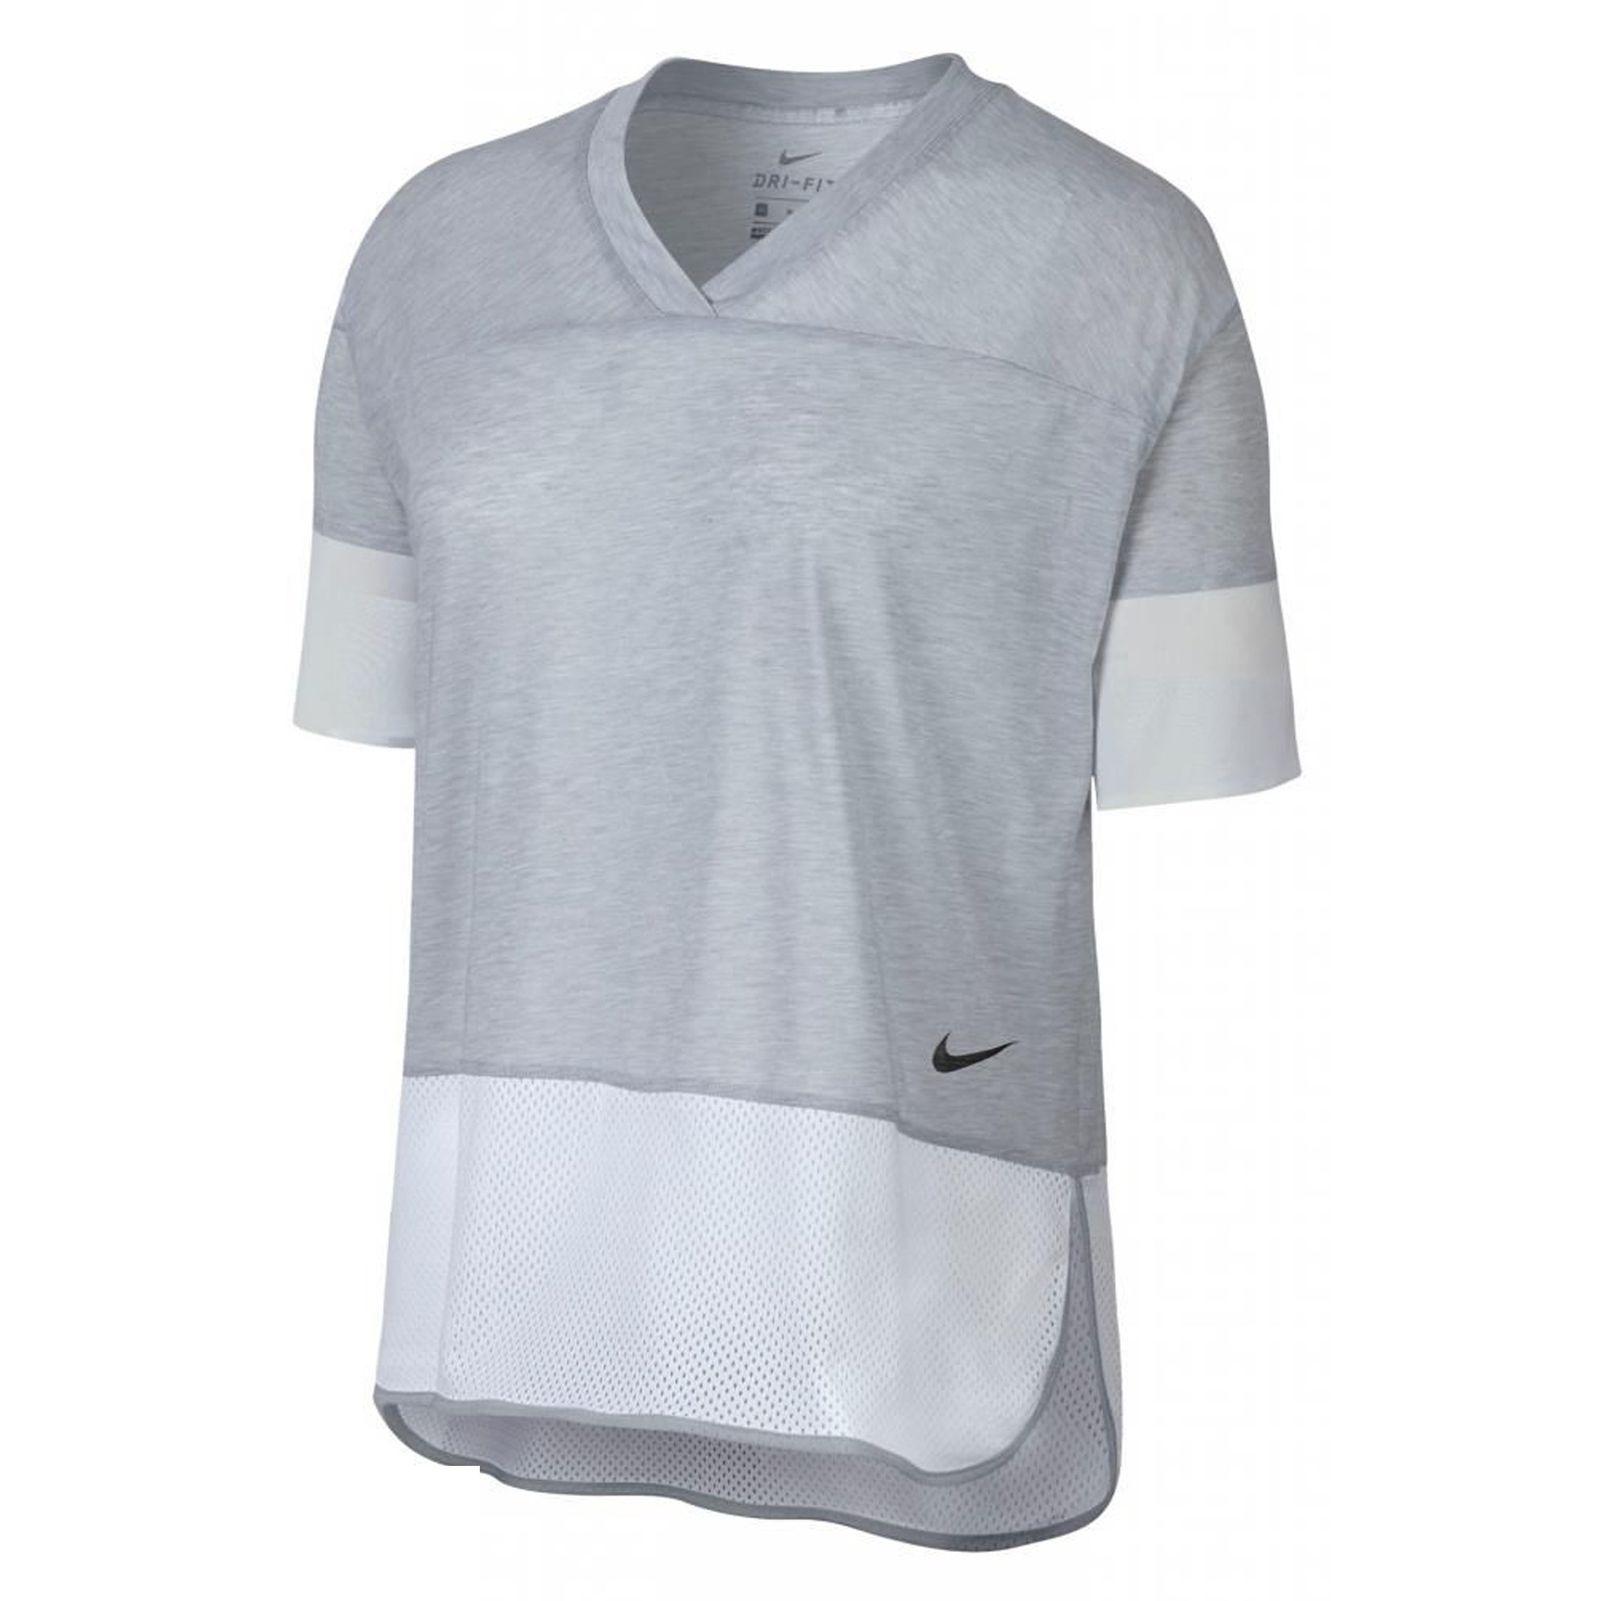 تی شرت ورزشی نخی زنانه - نایکی - طوسي - 3